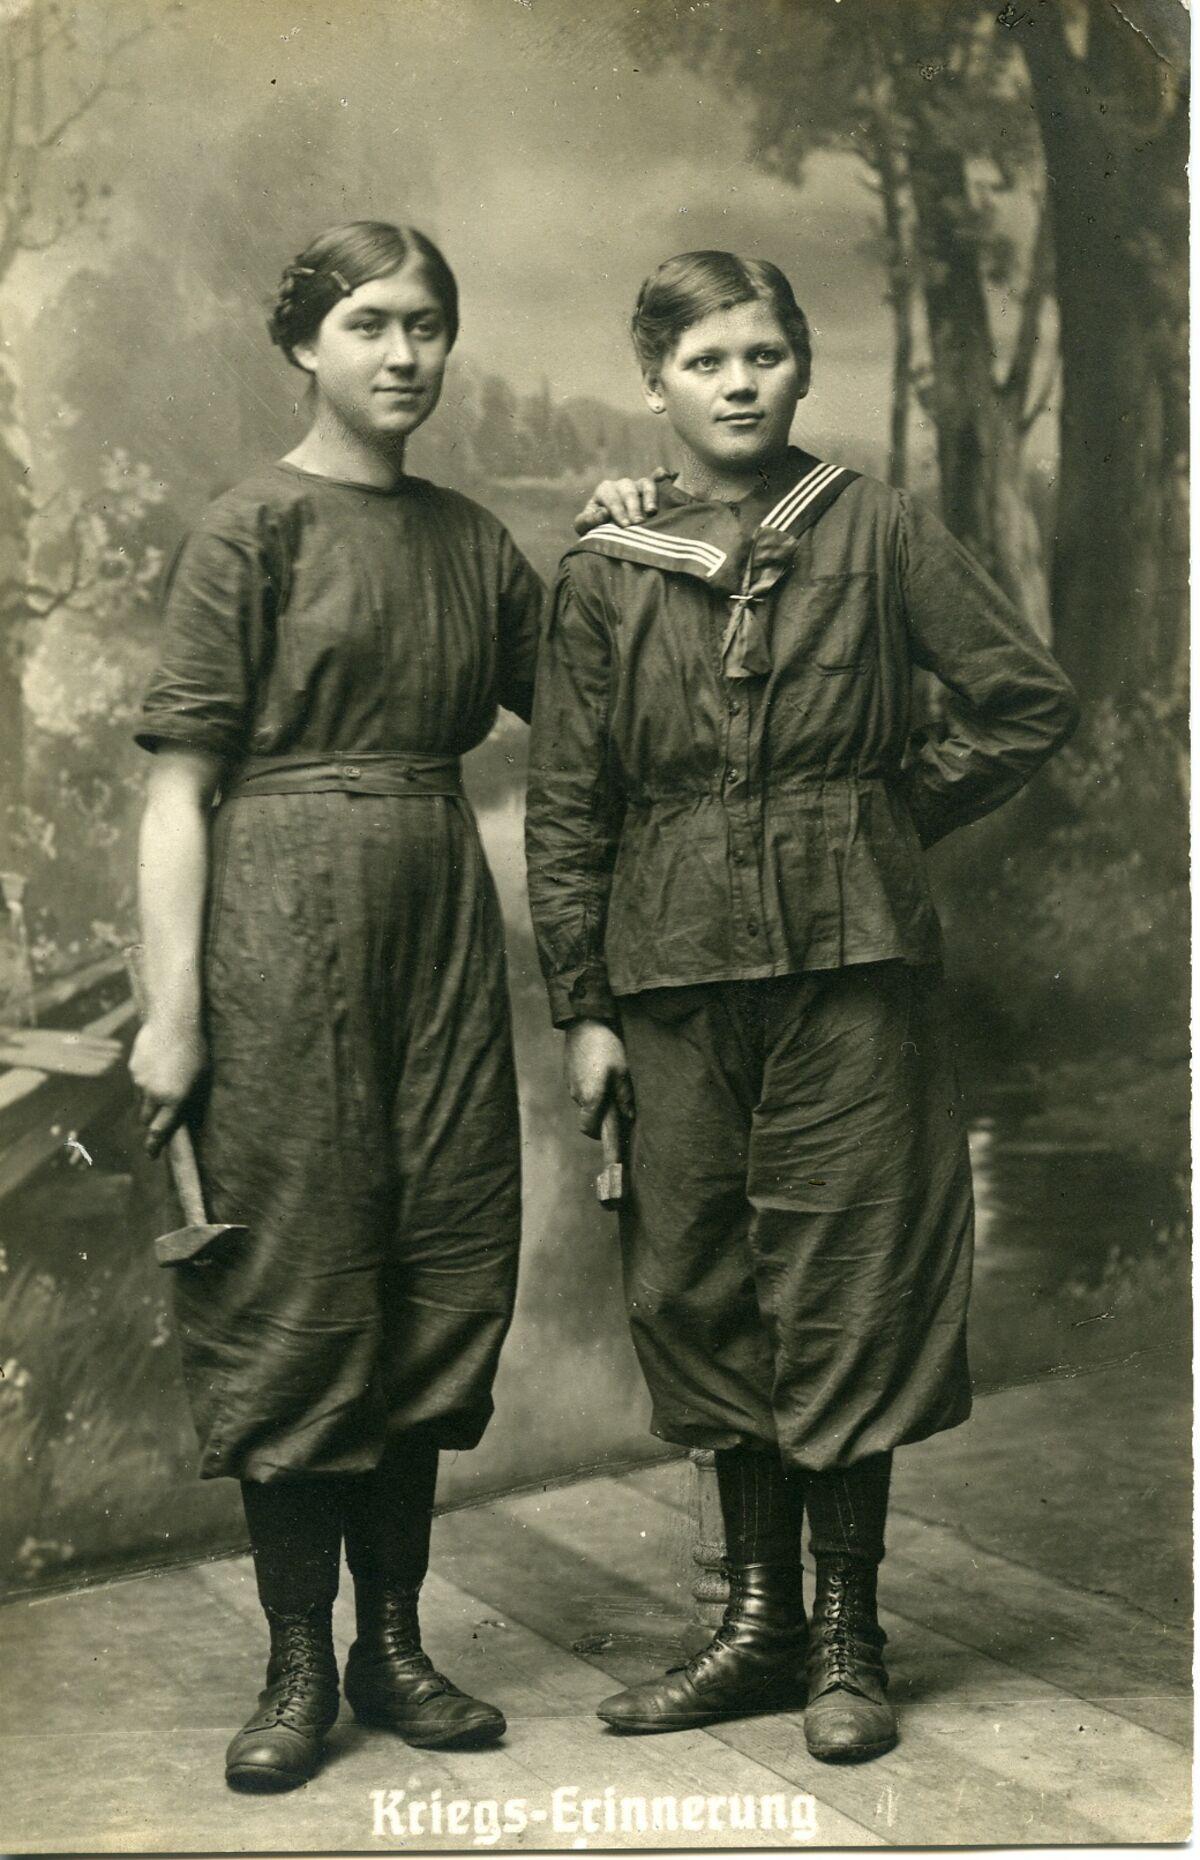 GFA 24/144.1: Female labor in WWI